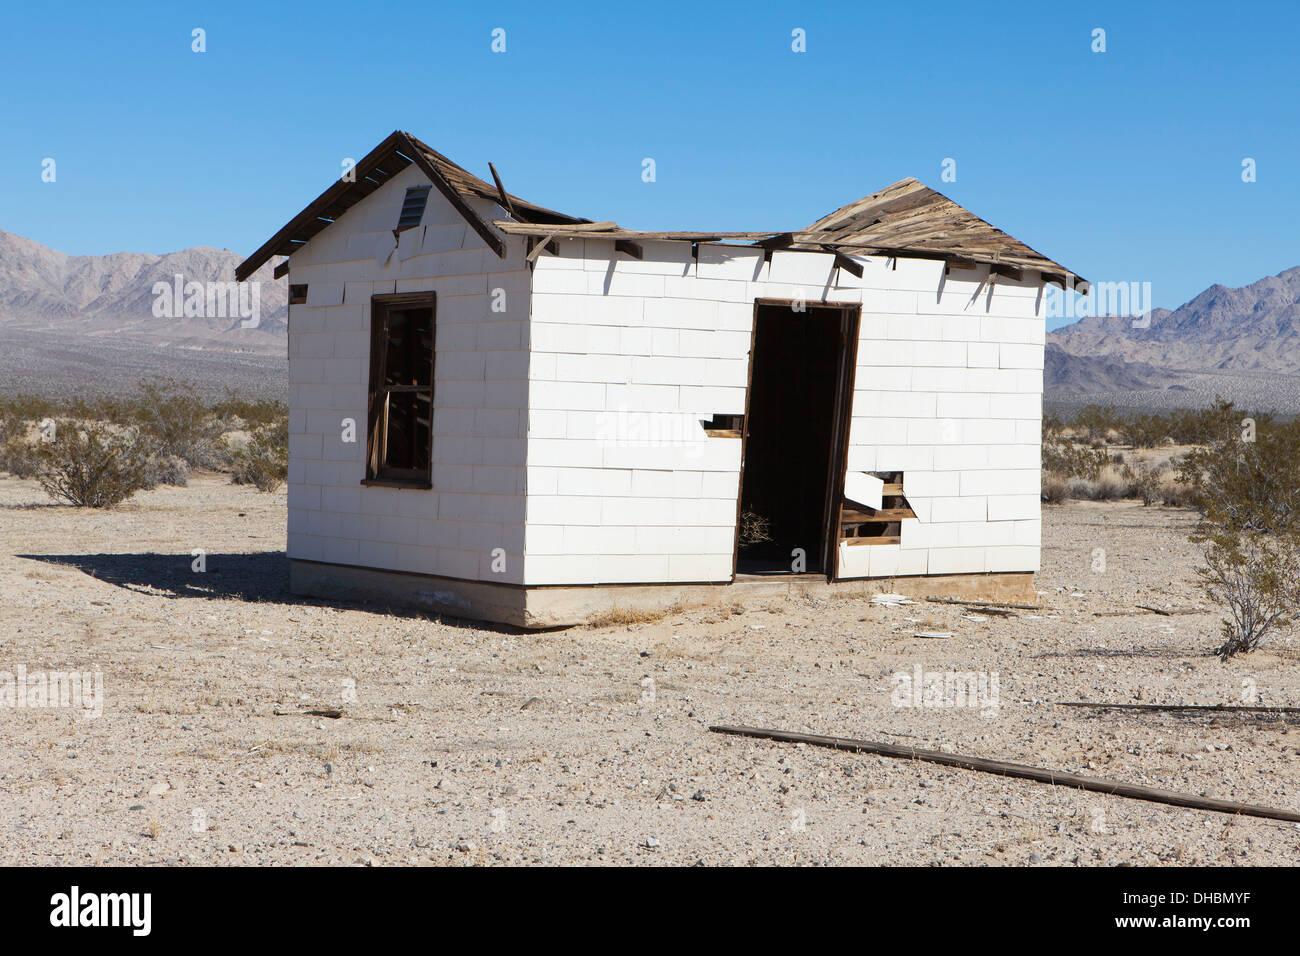 Eine kleine verlassene Gebäude in der Mojave-Wüstenlandschaft. Stockbild